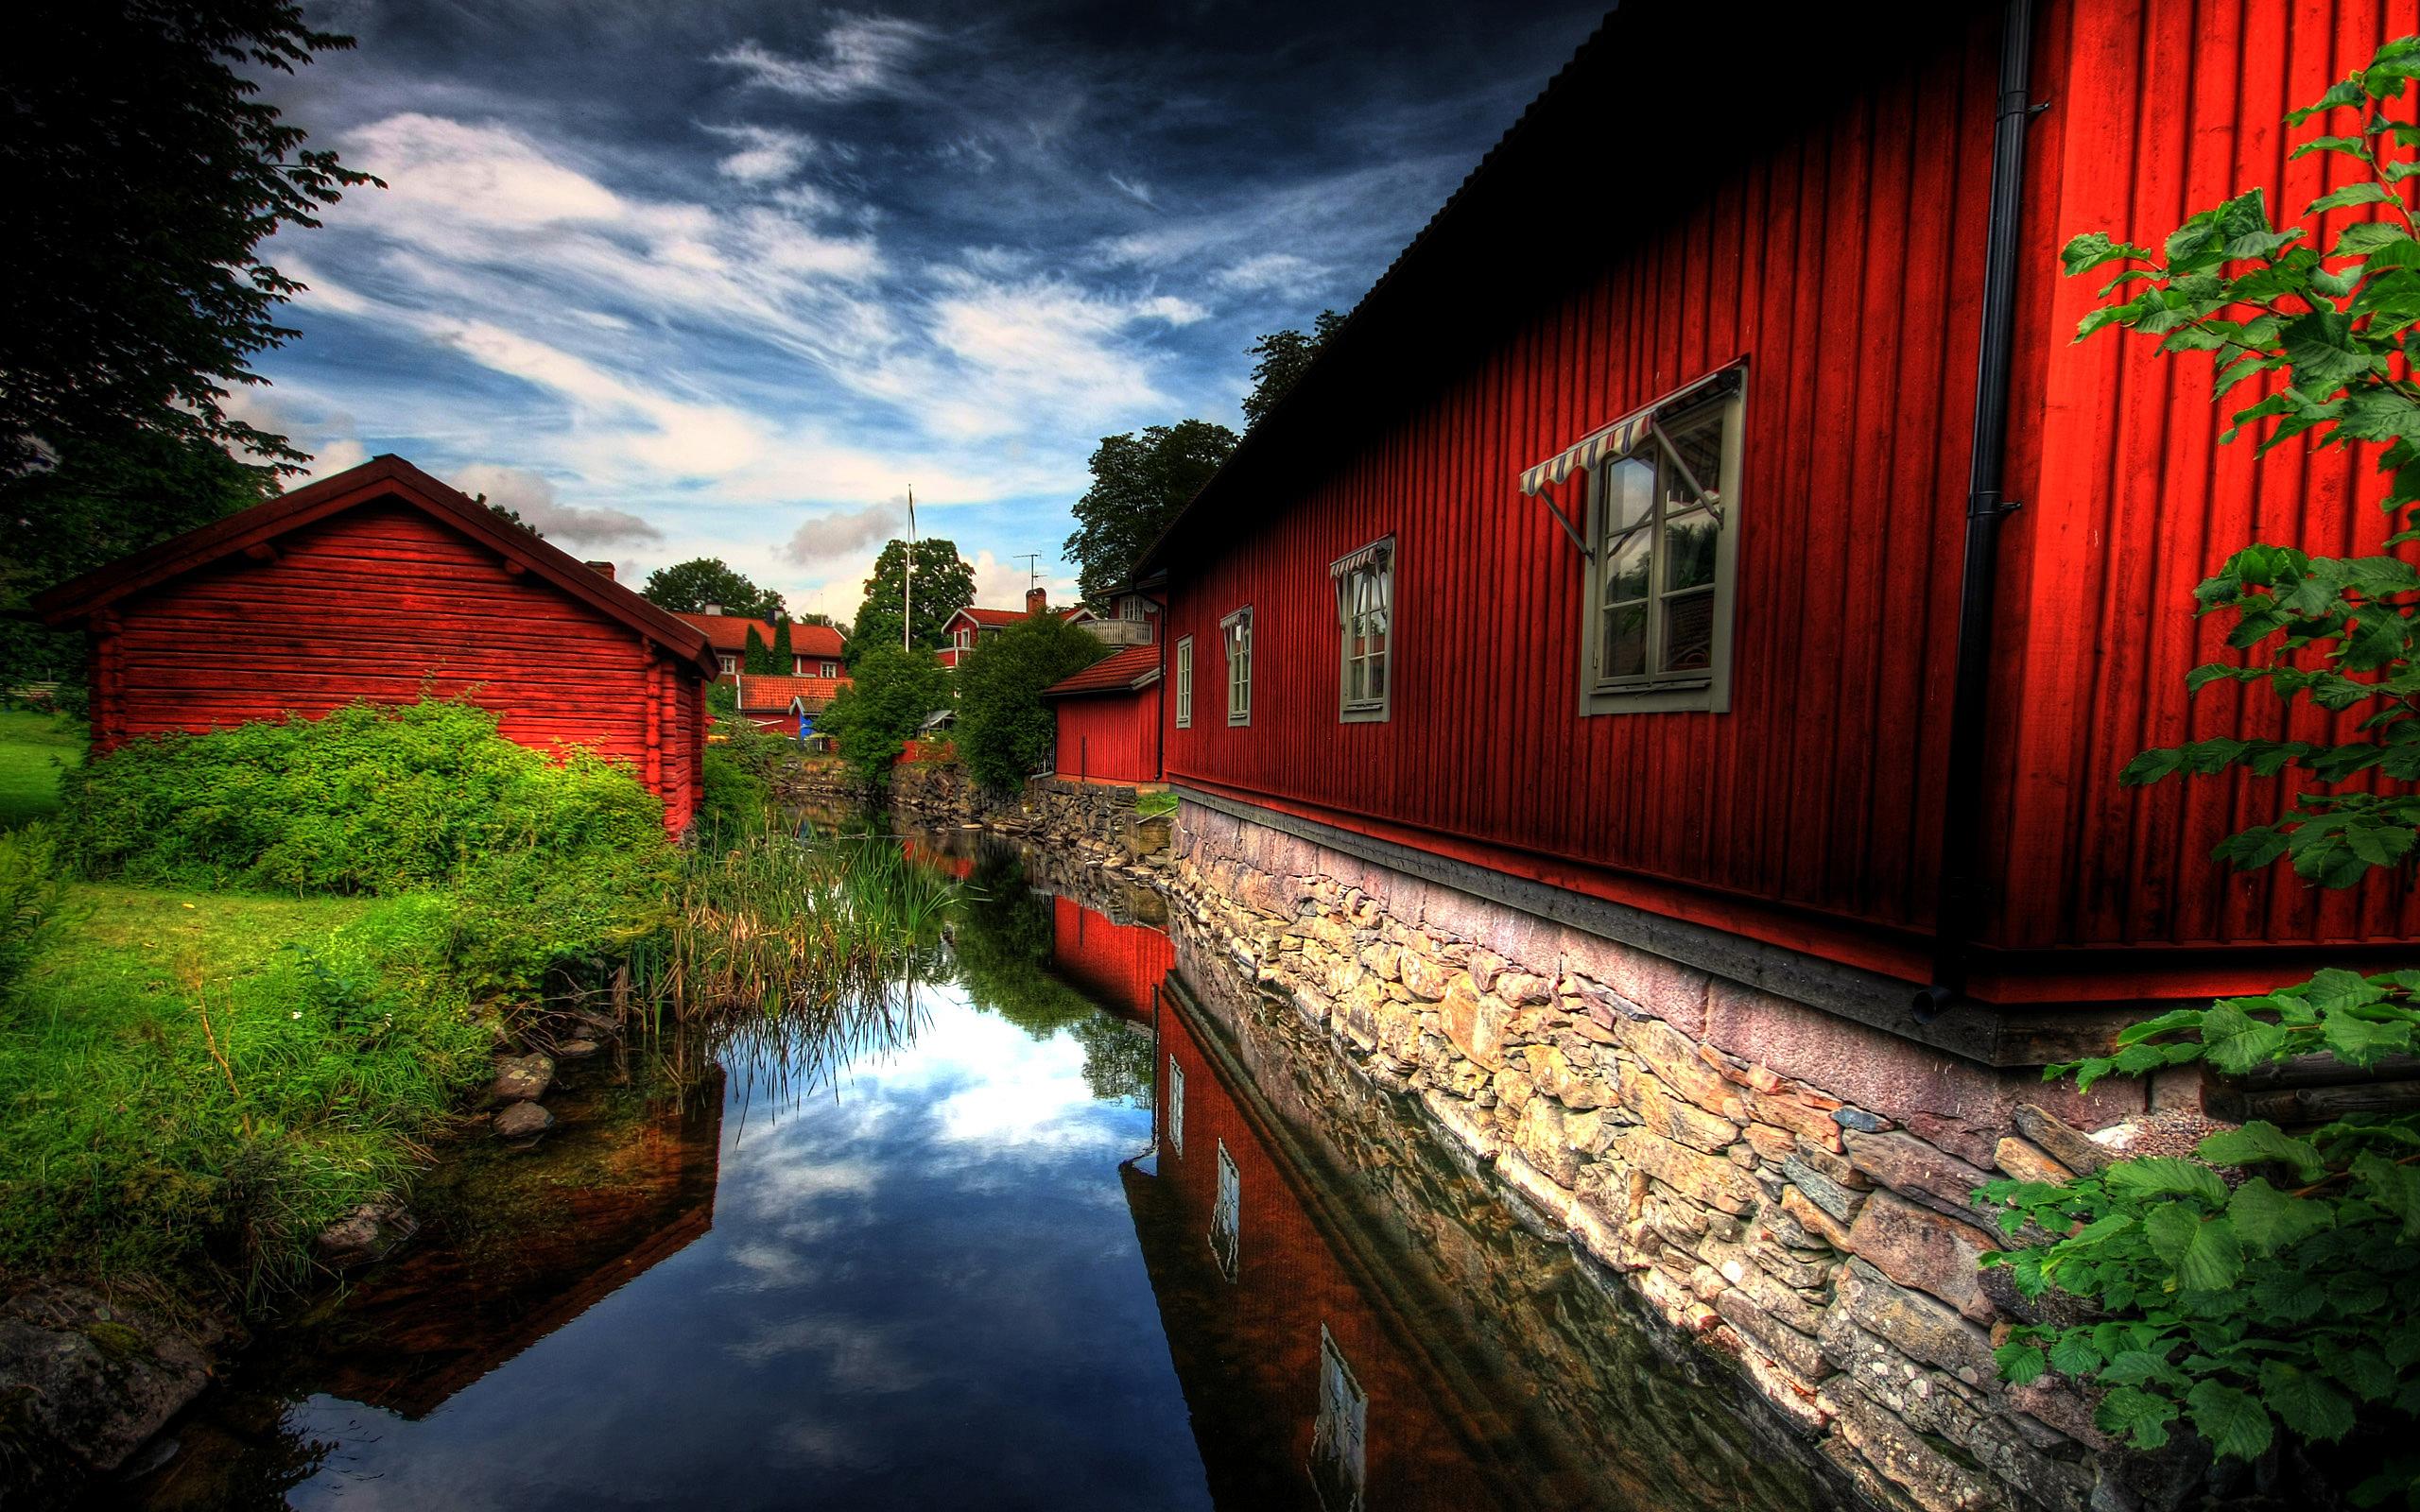 buildings_landscapes_villages_wallpaper-28995